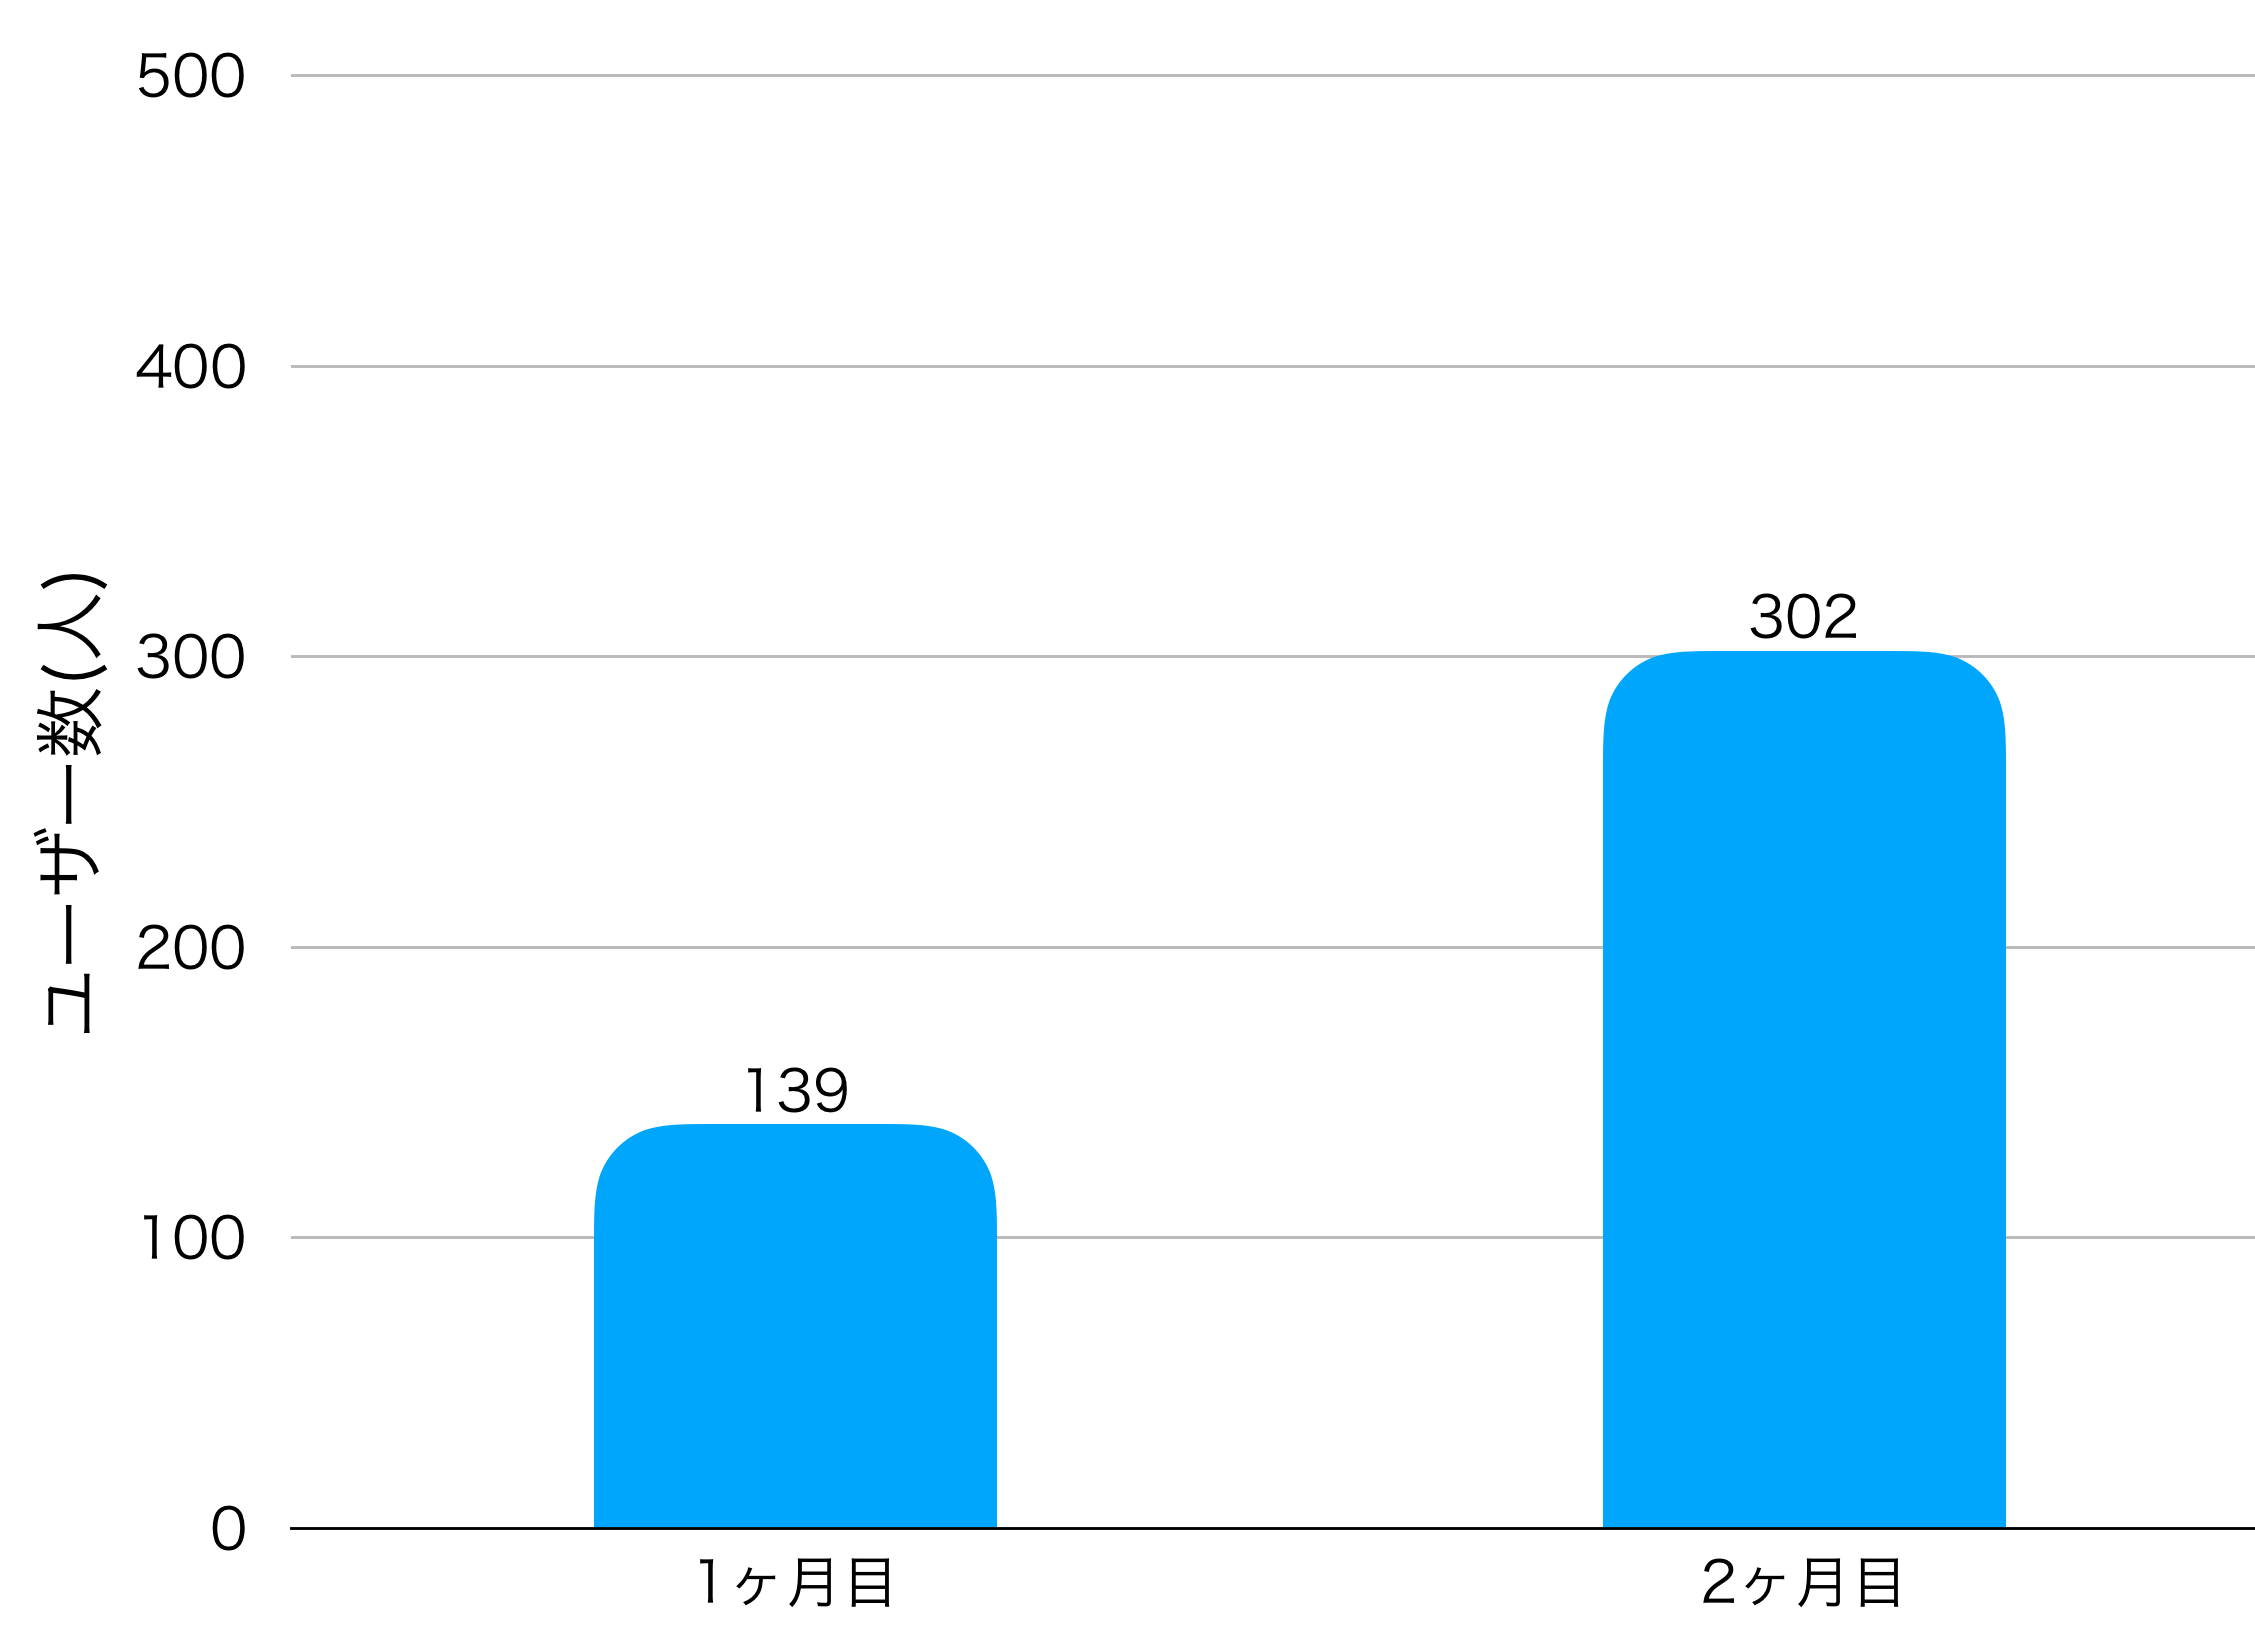 2ヶ月目のユーザー数の画像